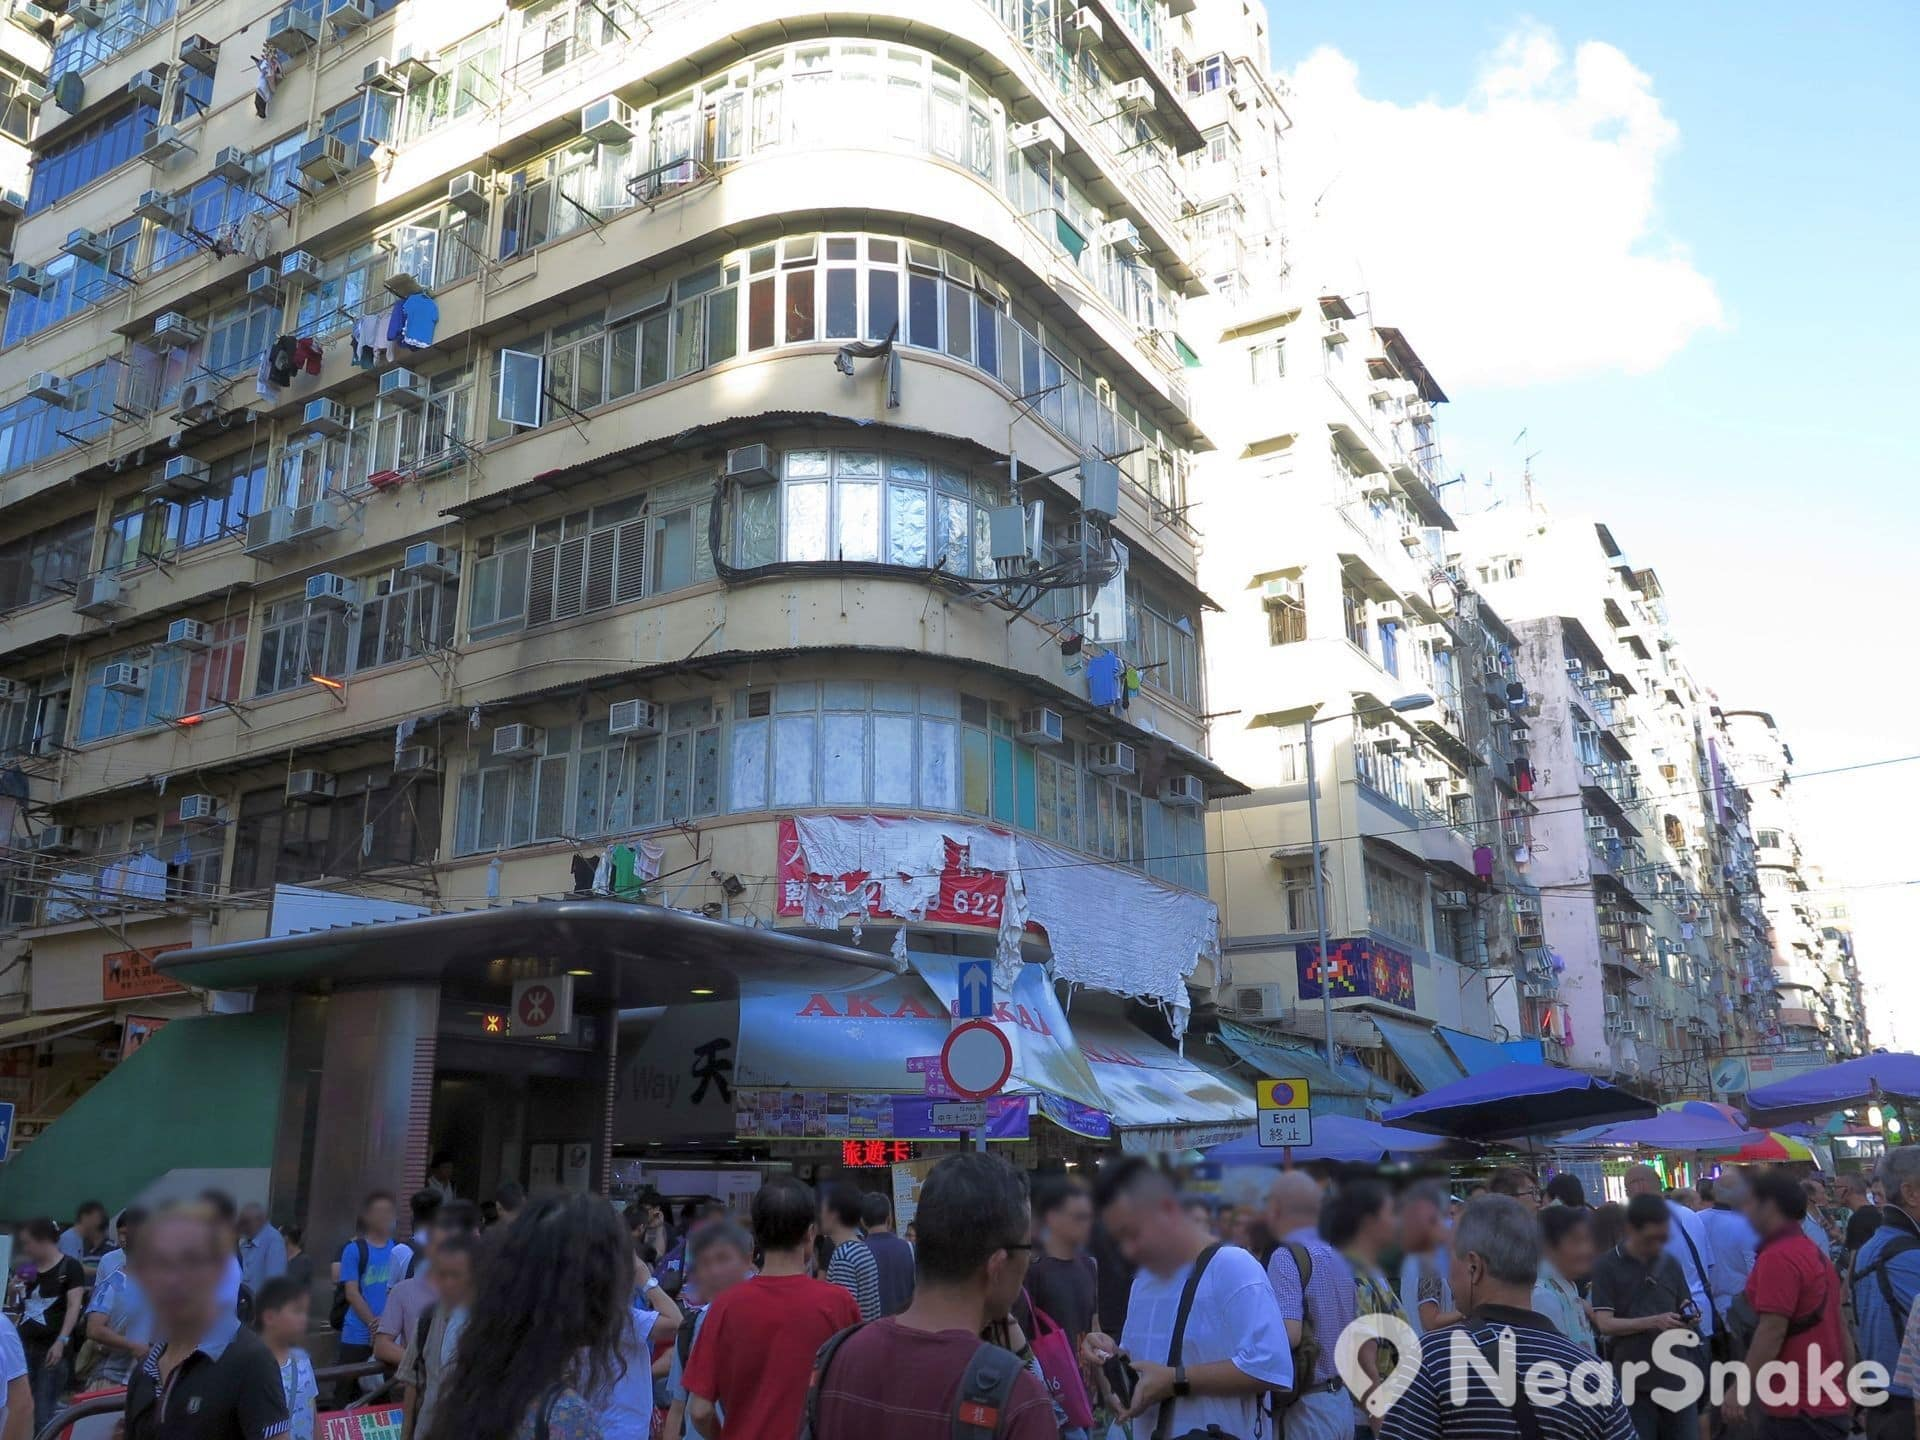 鴨寮街毗連的部分桂林街上也同樣有擺賣電子零件的攤檔。